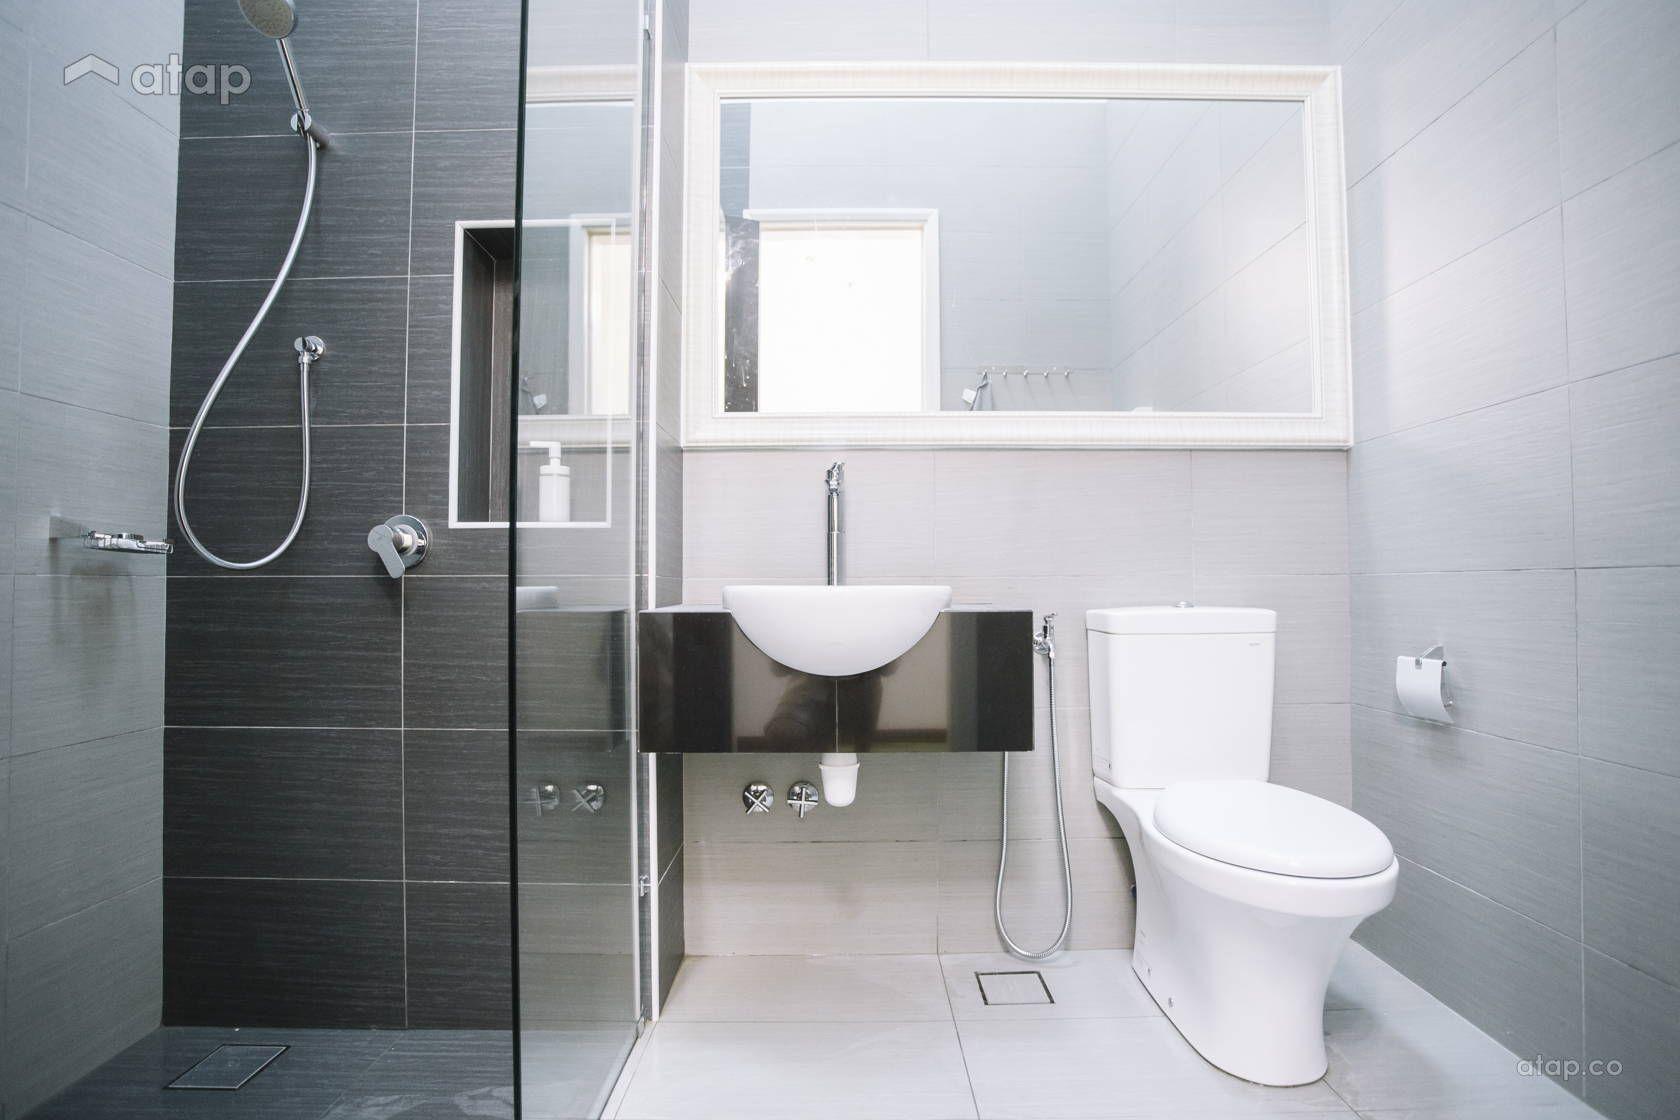 Contemporary Modern Bathroom Semi Detached Design Ideas Photos Malaysia Atap Co Ba Narrow Bathroom Designs Bathroom Counter Designs Modern Bathroom Vanity